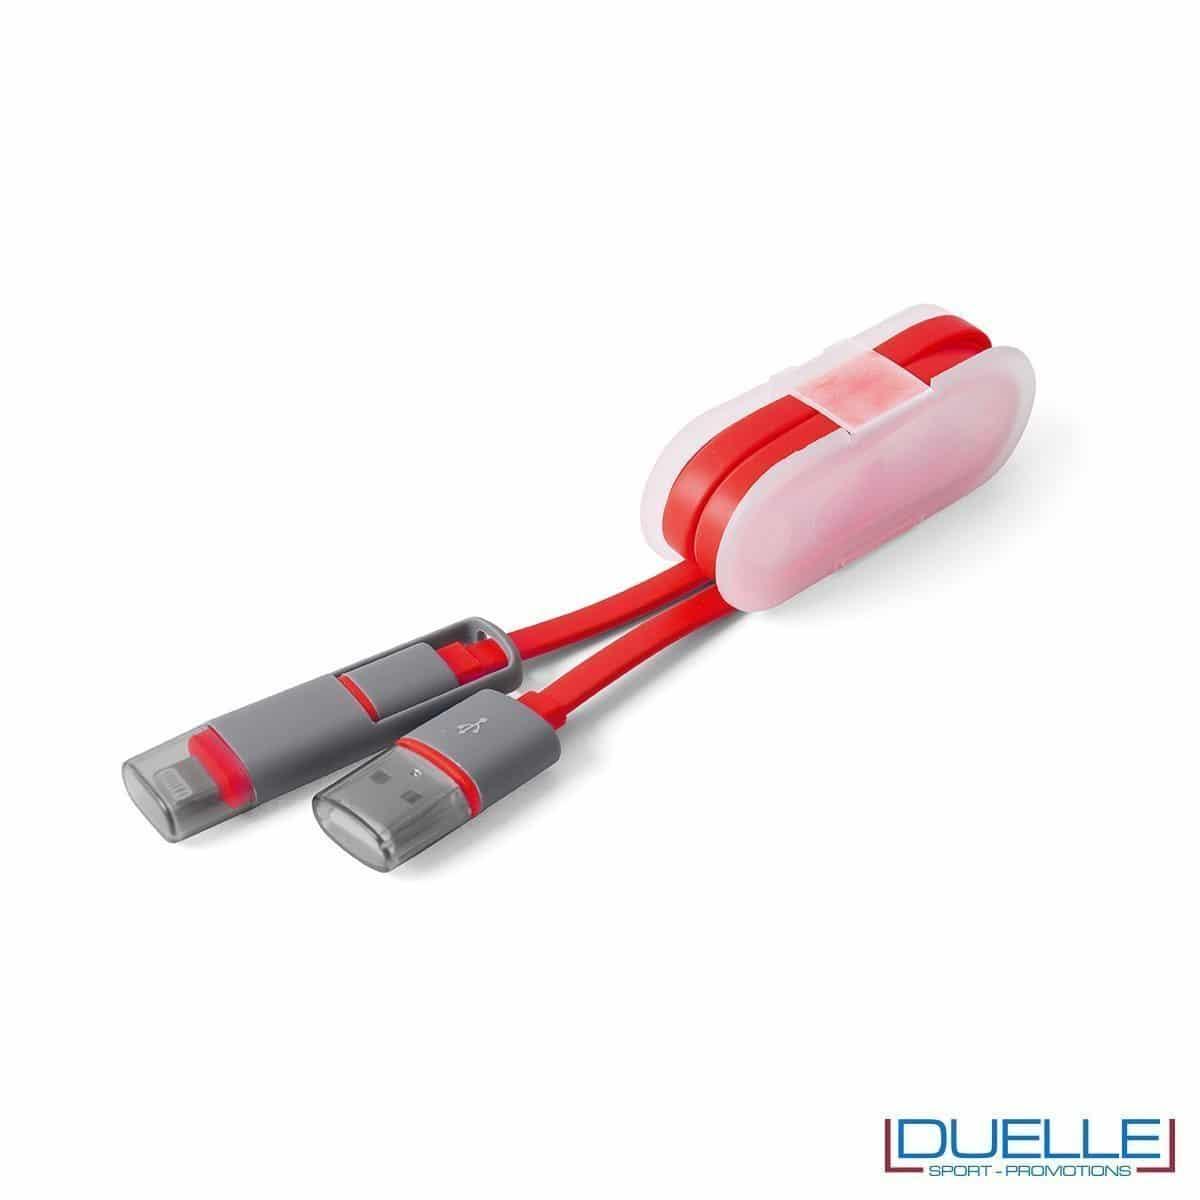 cavetto adattatore per smartphone personalizzato, gadget per smartphone personalizzabile in colore rosso